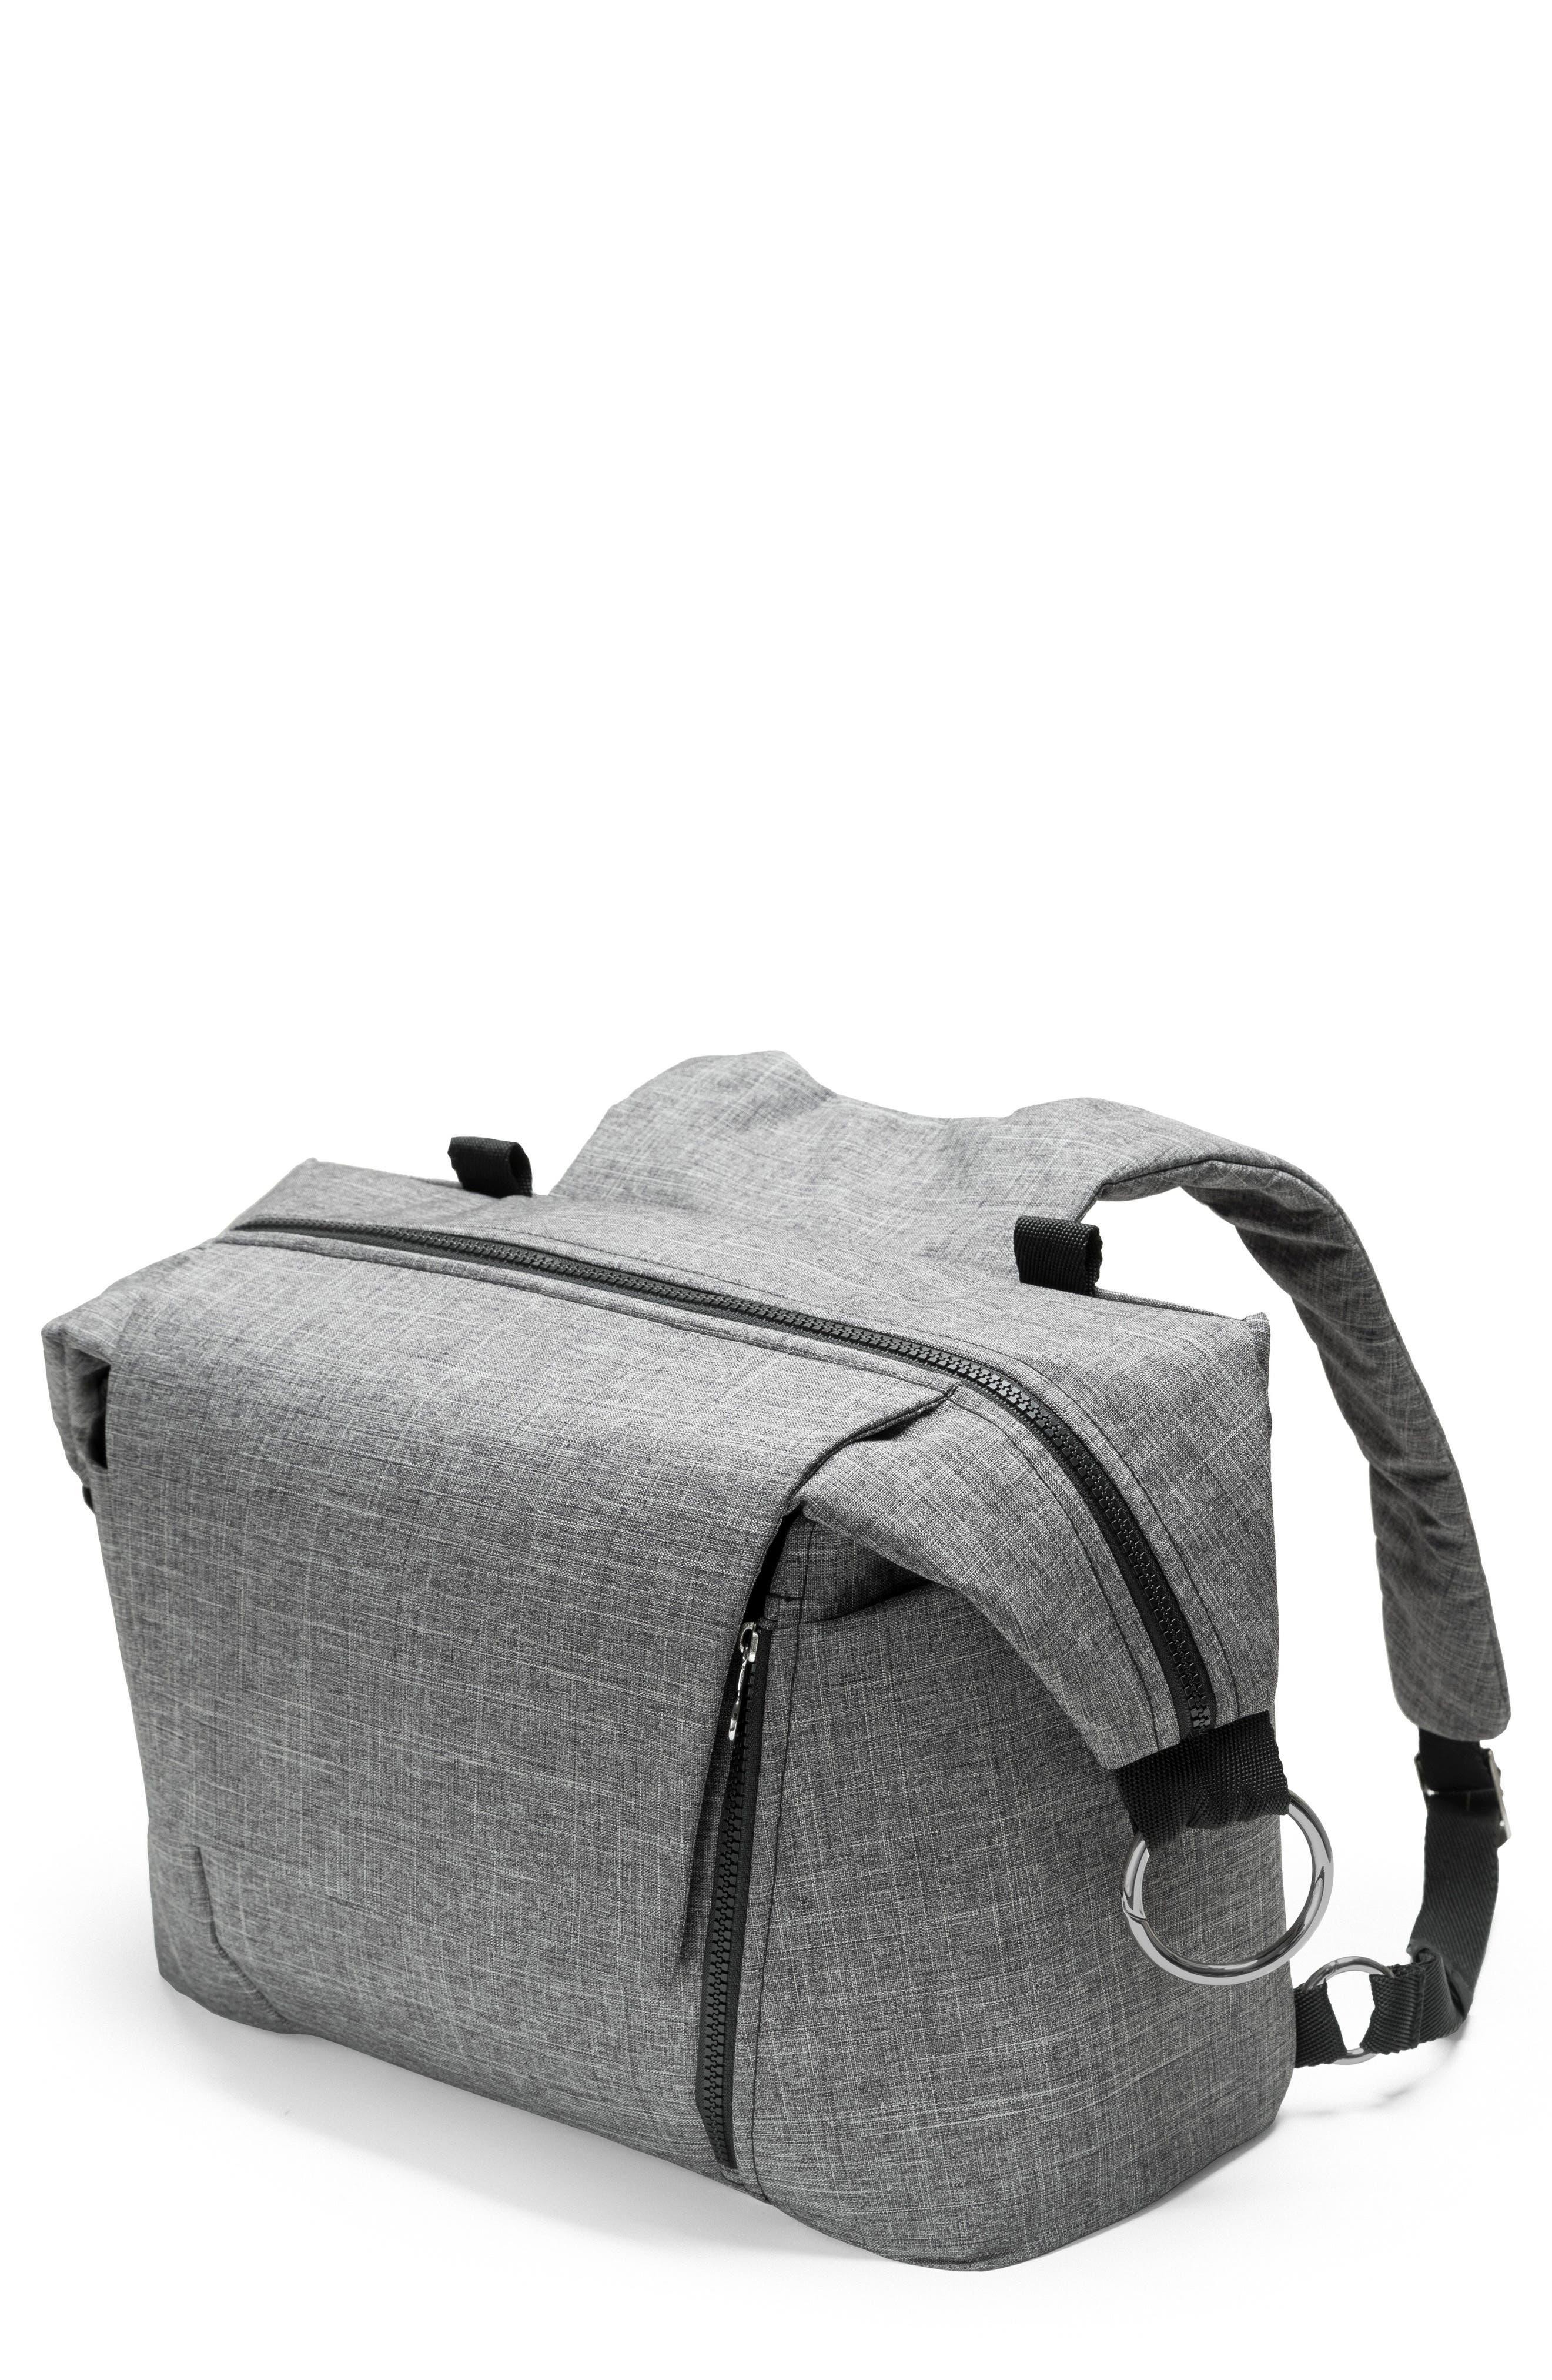 Main Image - Stokke Changing Diaper Bag